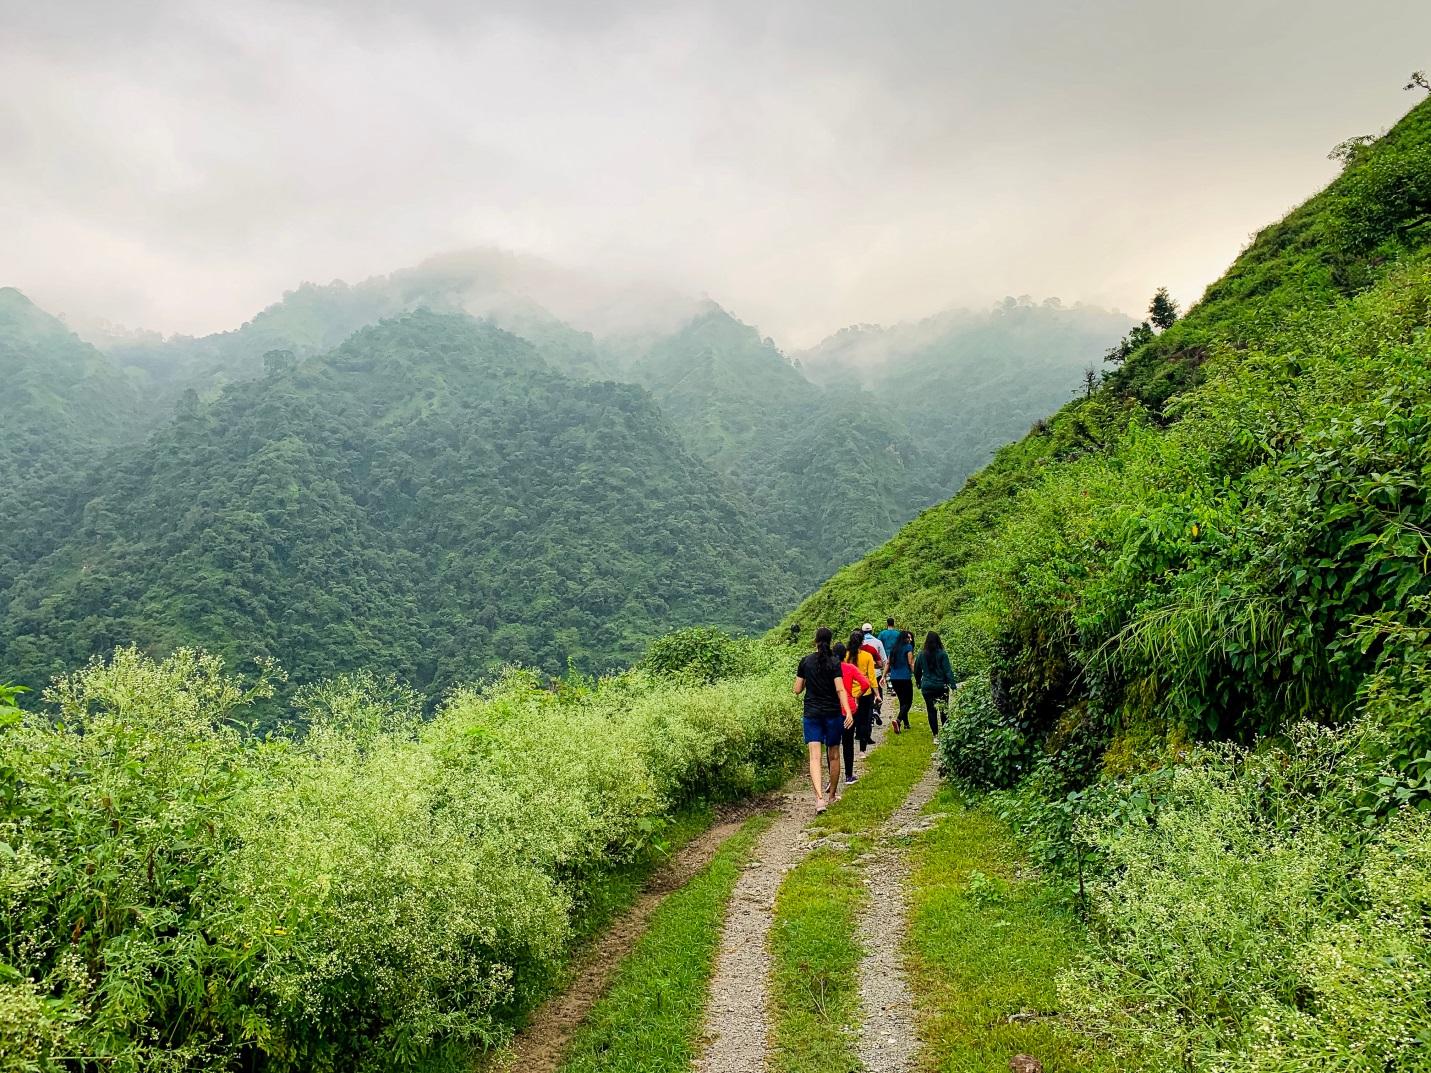 Tips Trekking Aman, Nyaman, dan Bebas Pegal Linu Serta Nyeri Otot